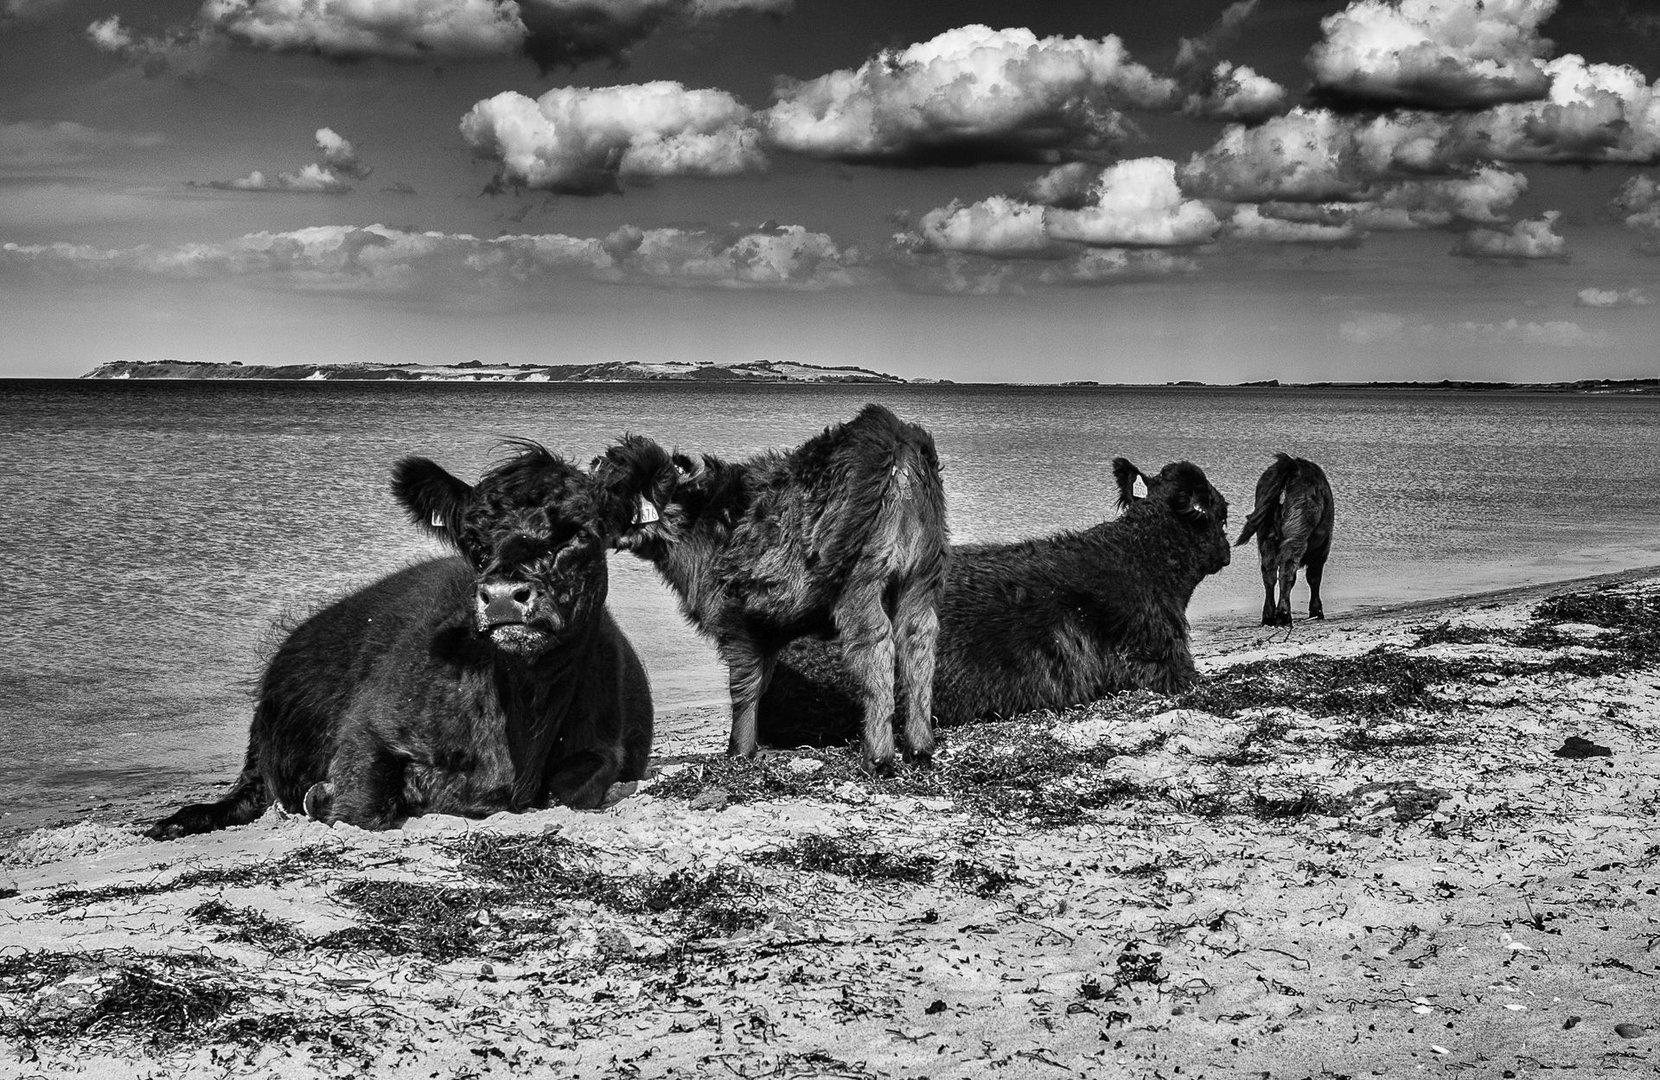 FKK-Strand Foto & Bild | natur, strand, fkk Bilder auf